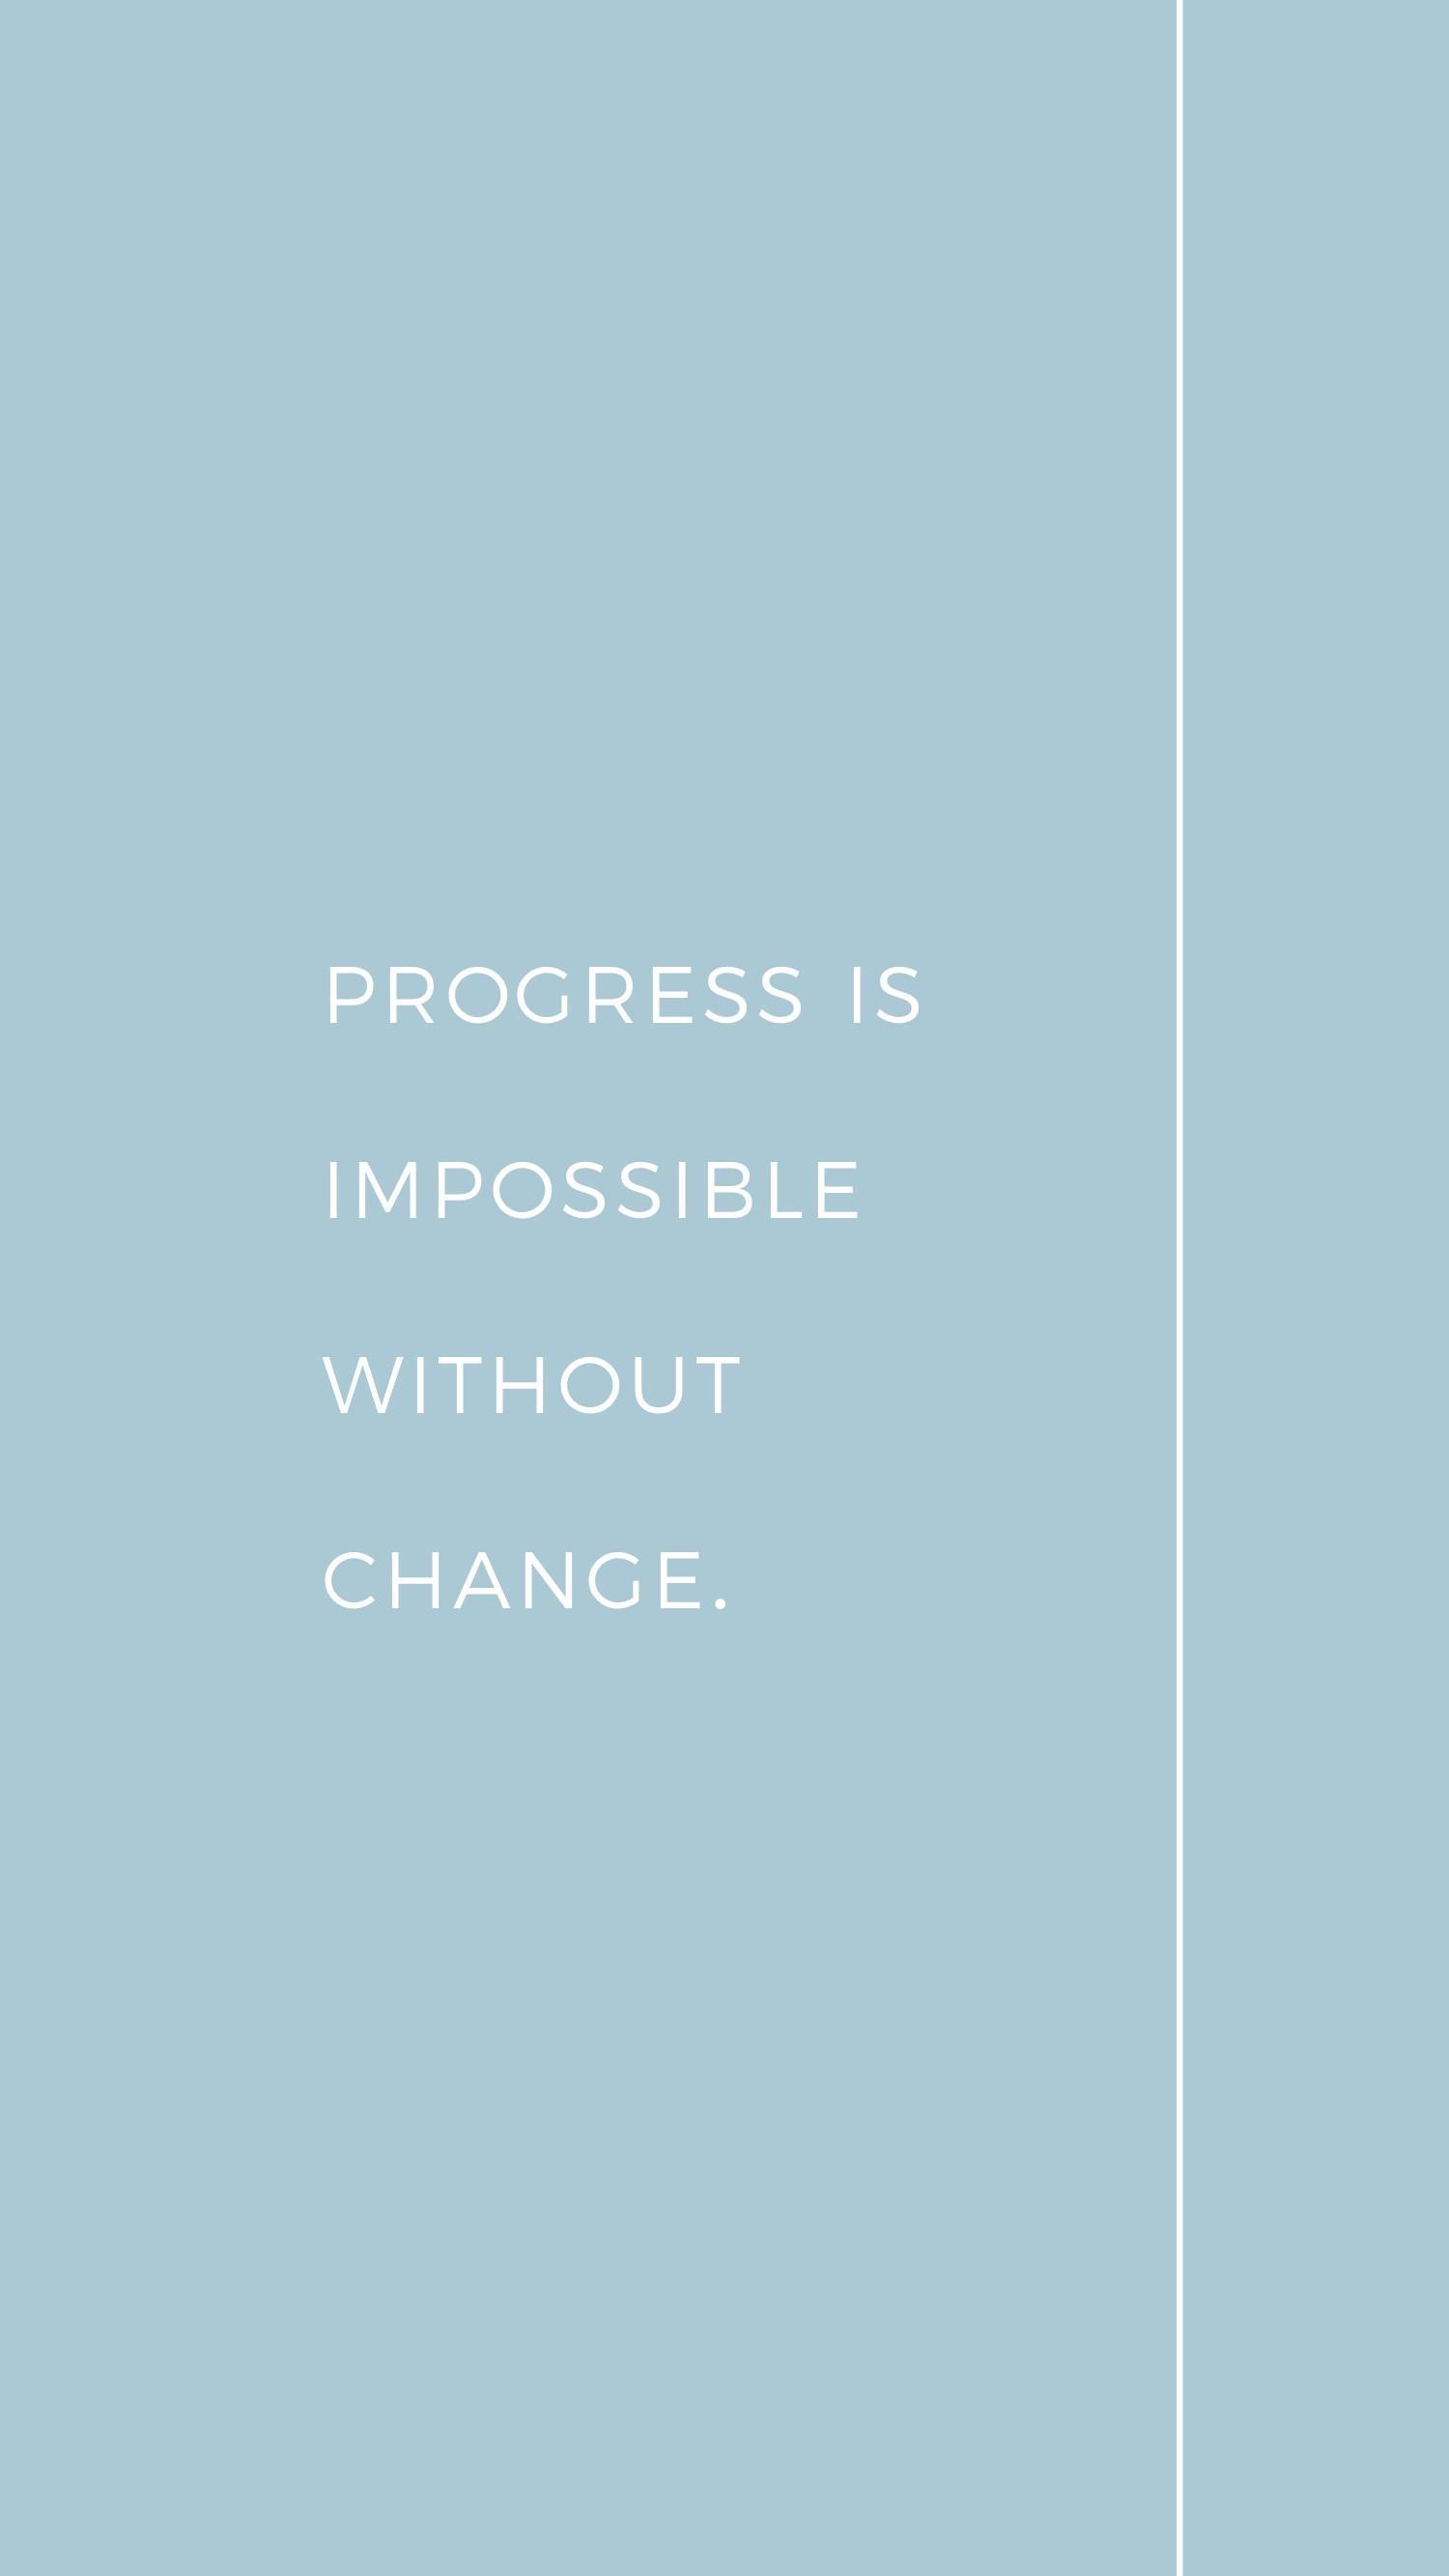 progress is impossible.jpg